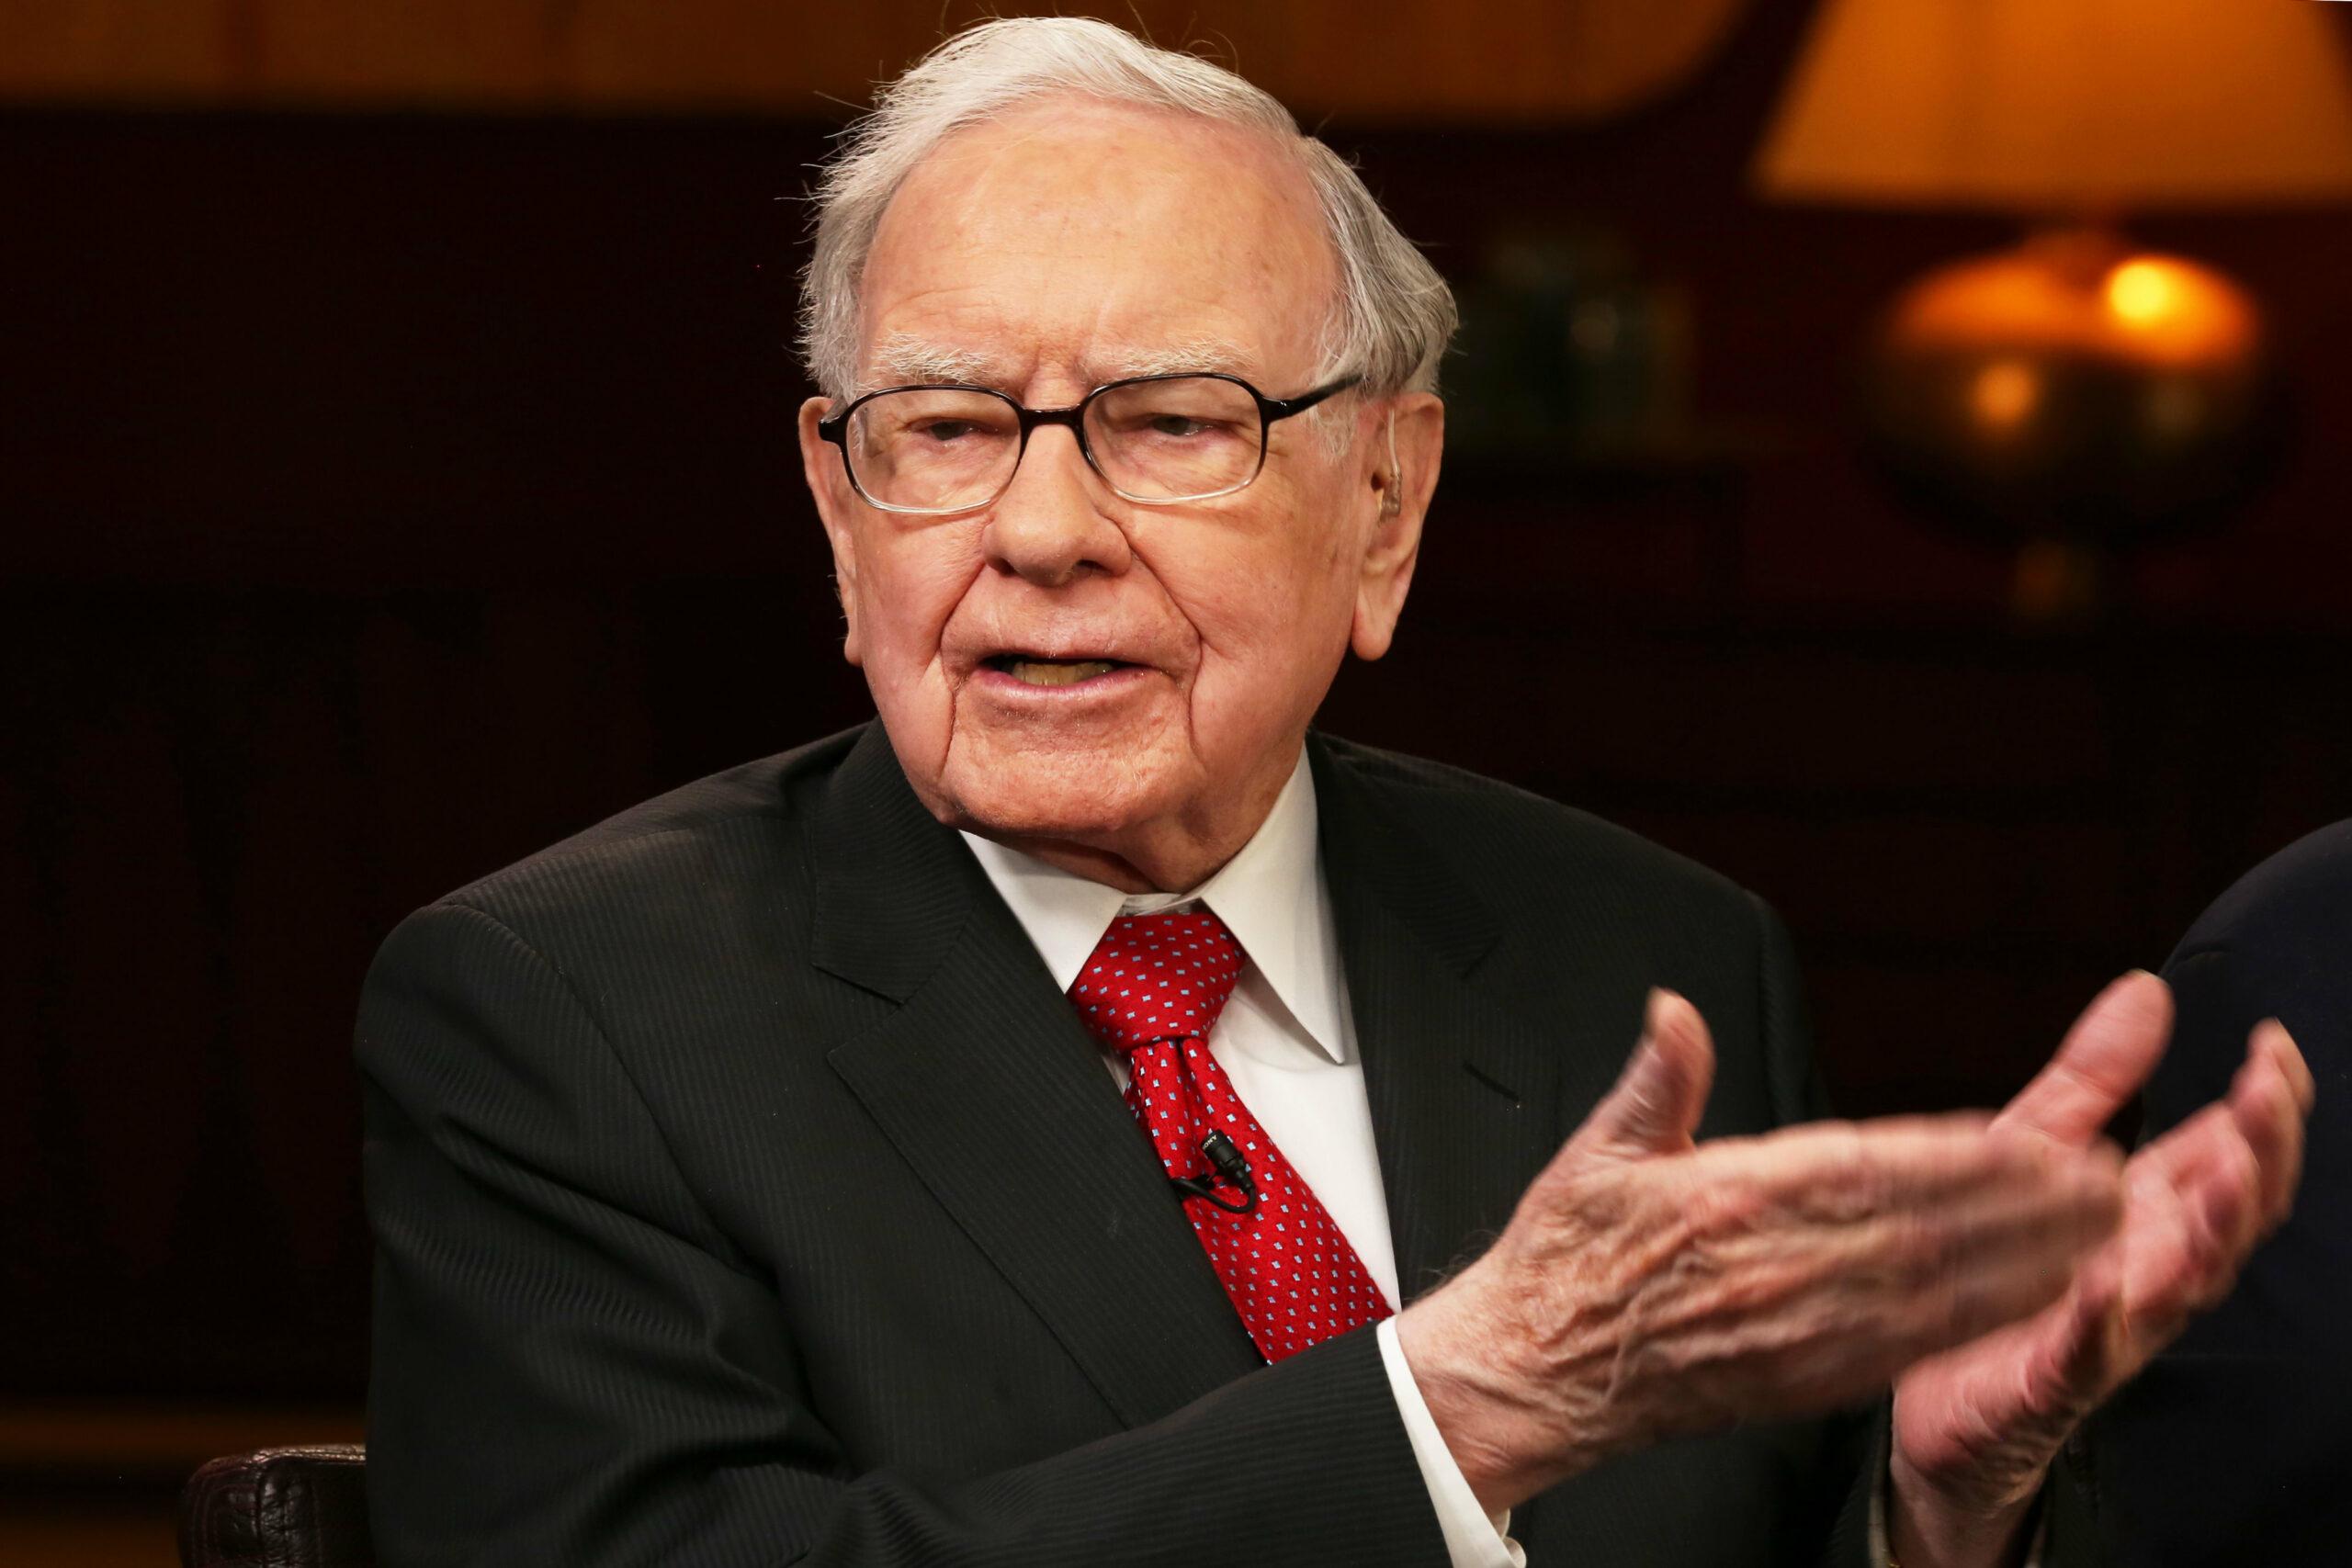 Buffett buys back record $5.1 billion in Berkshire stock as coronavirus hits operating earnings